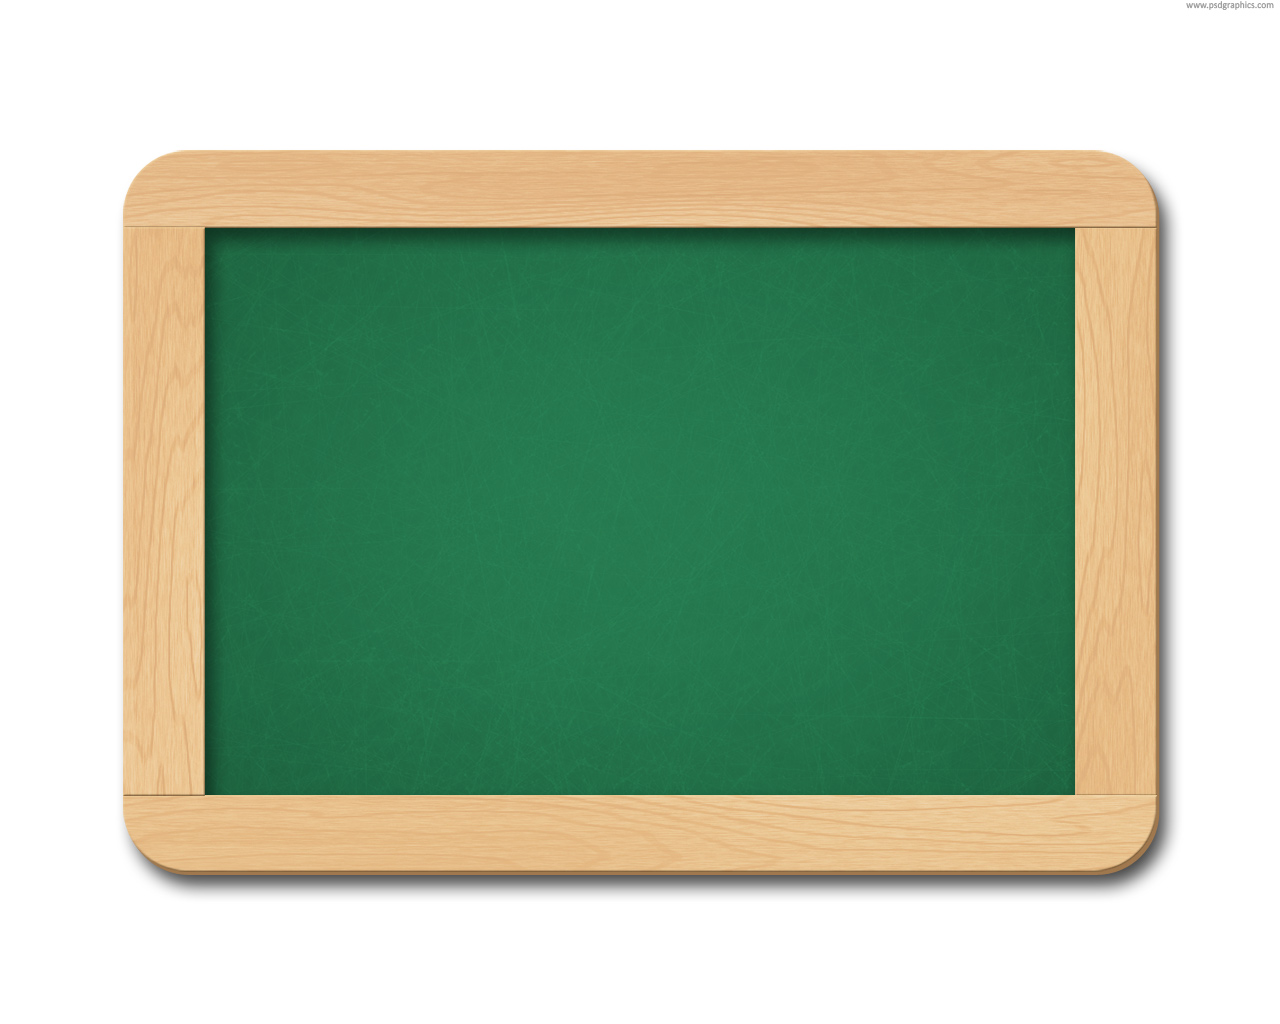 School chalkboard backgrounds for. Blackboard clipart cute